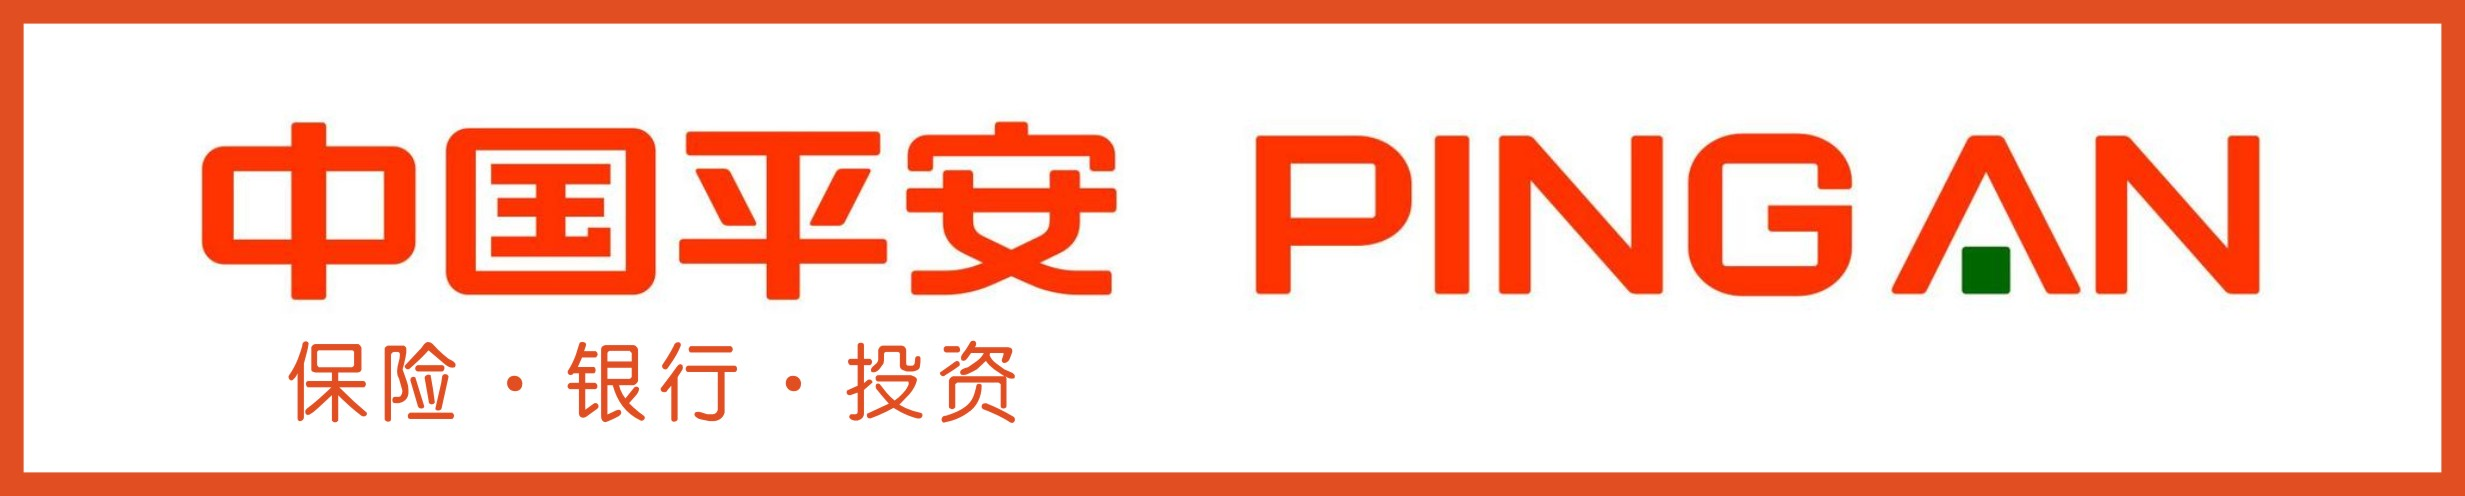 中国平安保险新葡京网站新葡京网址支新葡京网站